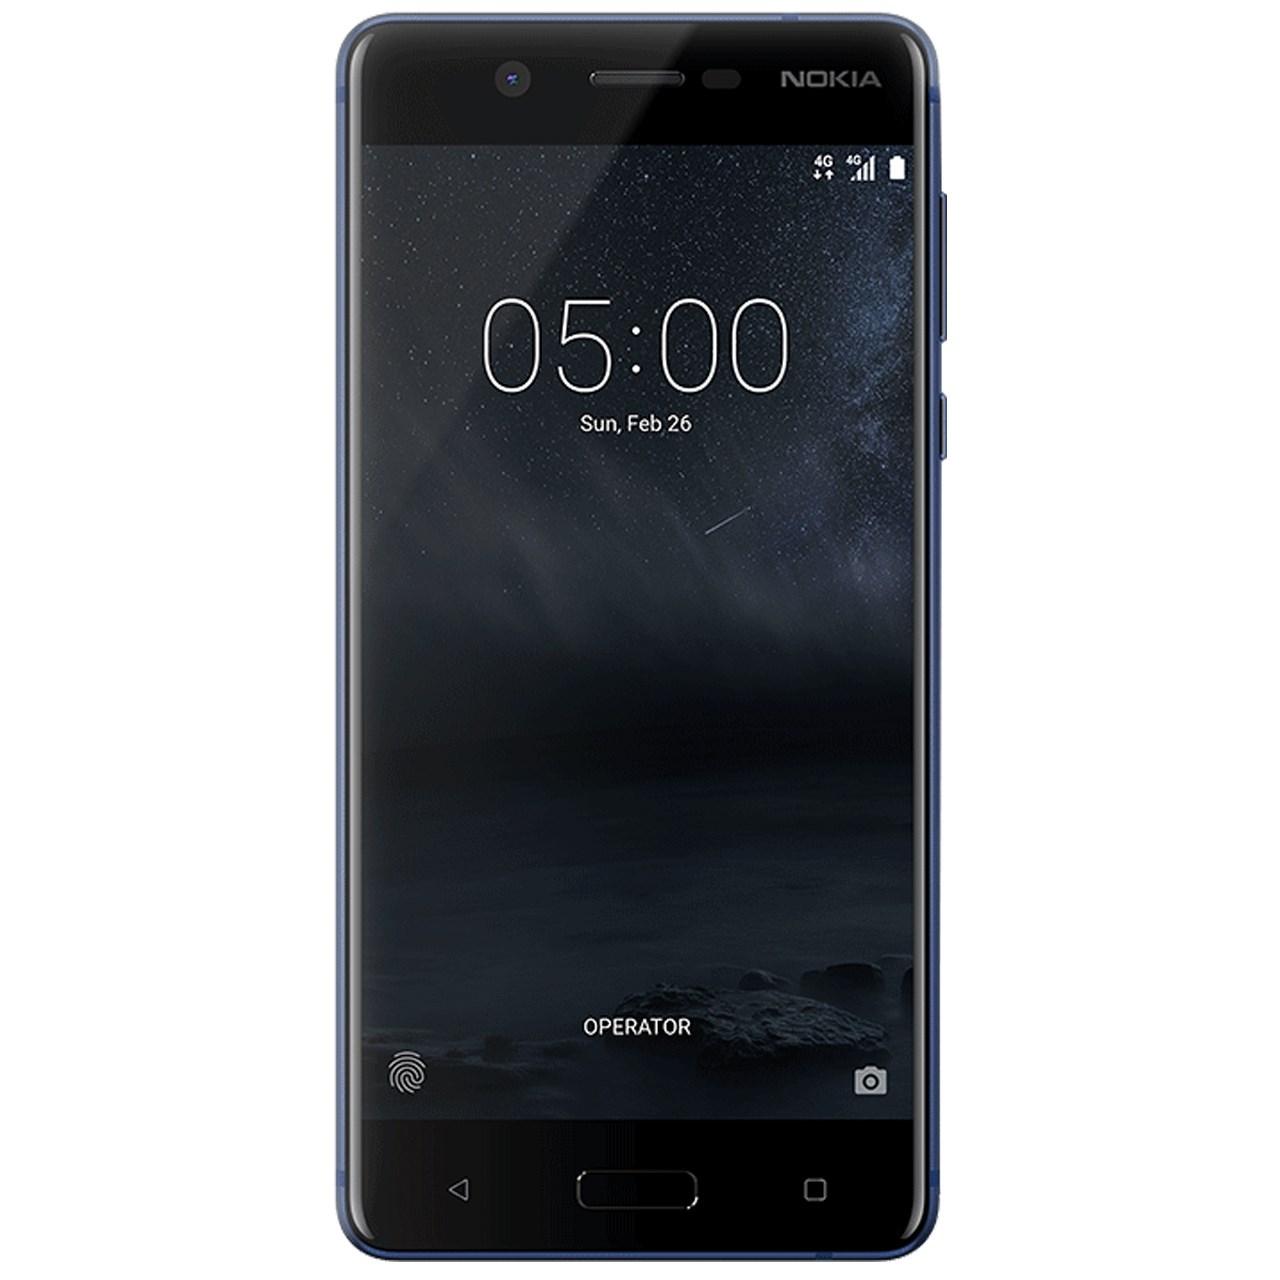 گوشی موبایل نوکیا مدل 5 دو سیم کارت | Nokia 5 Dual SIM Mobile Phone